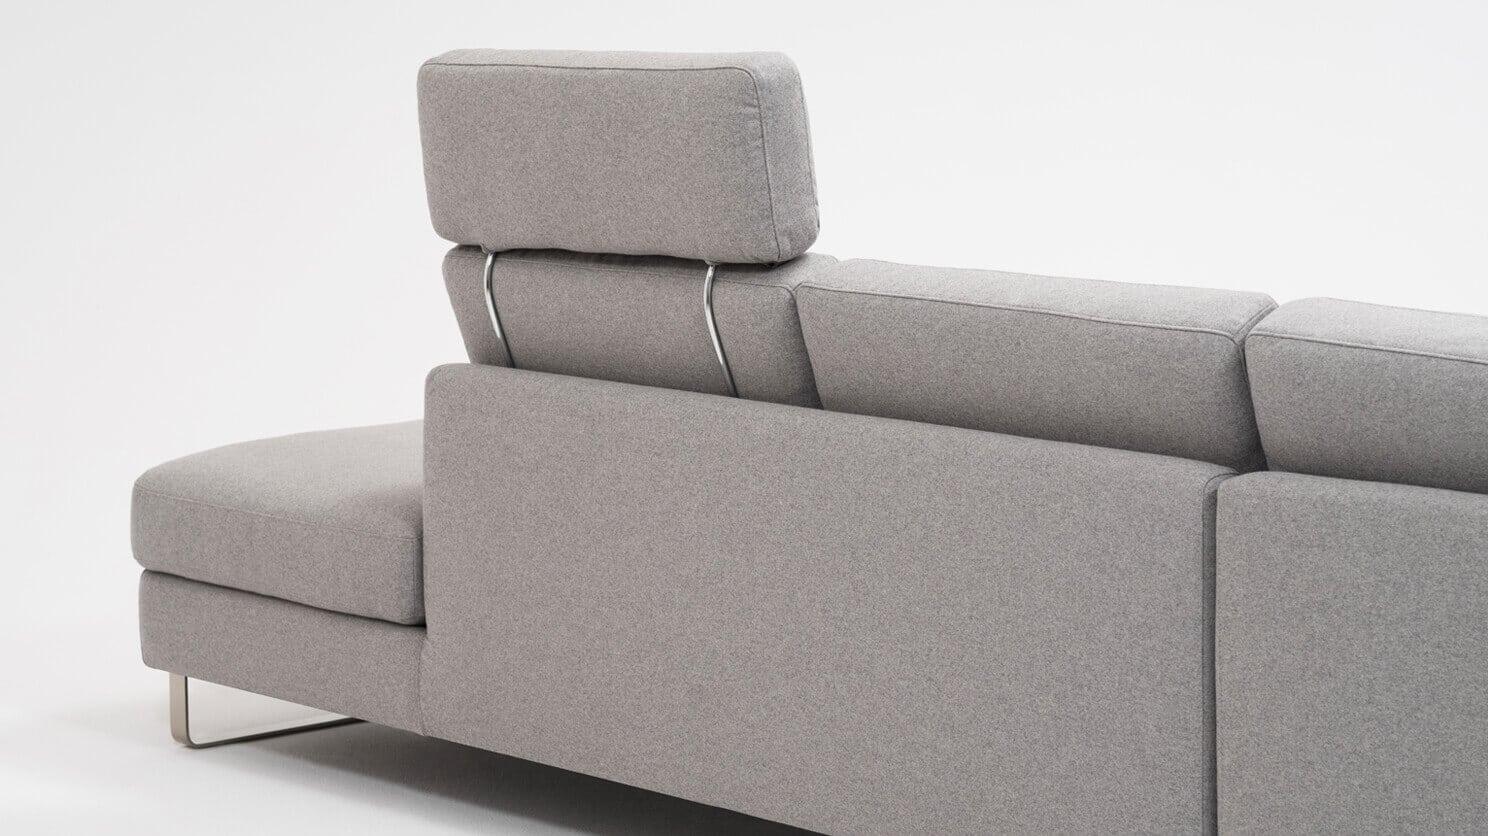 Oskar 2 Piece Sectional Sofa W Headrest D3 Home